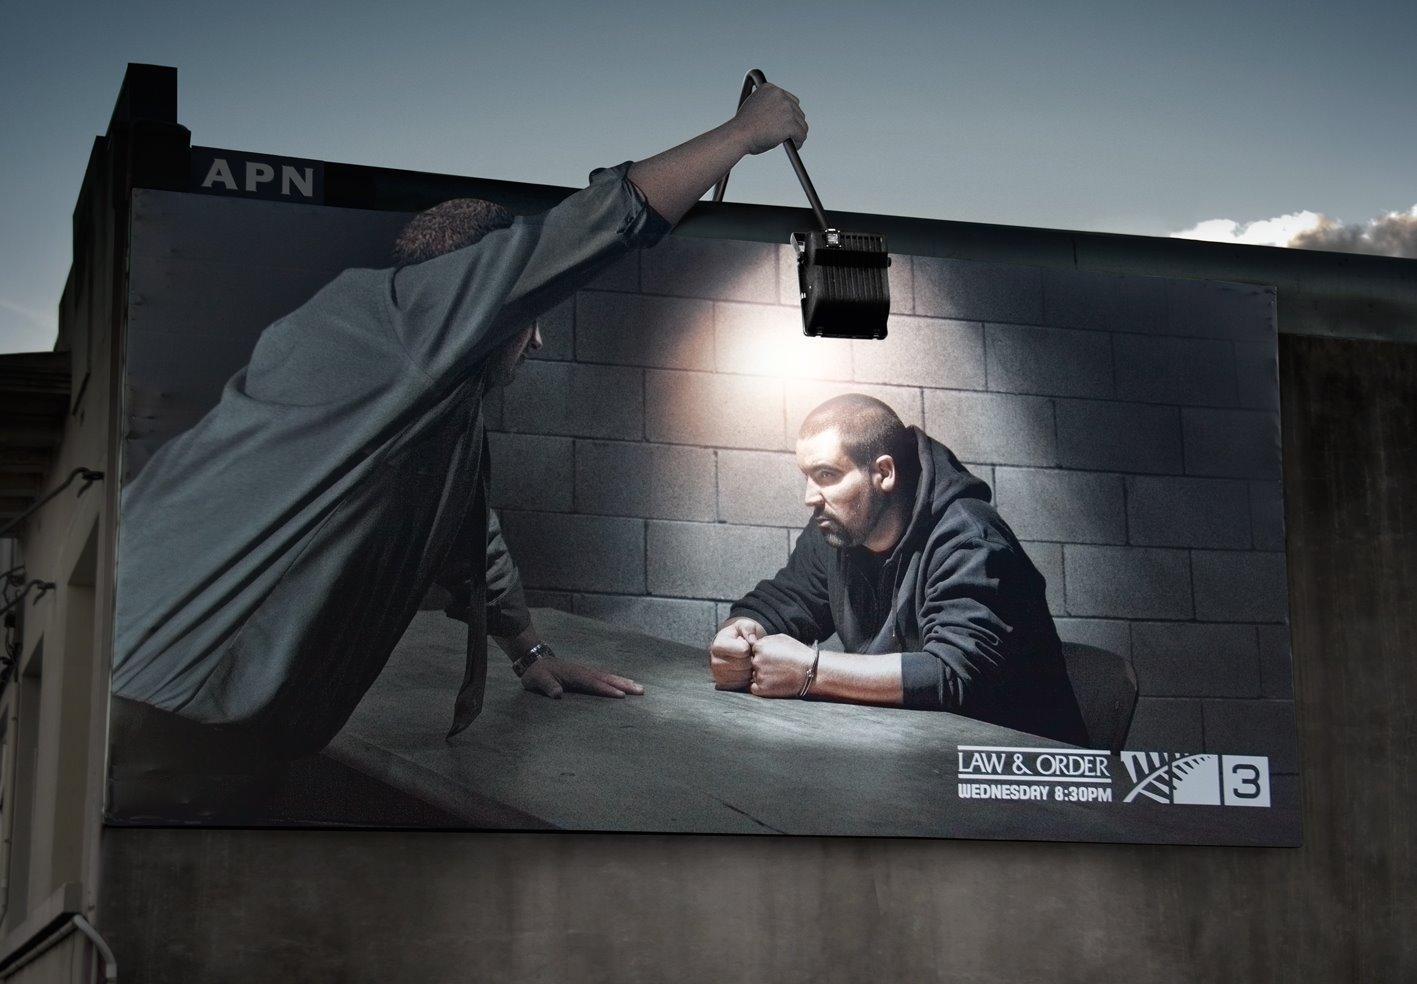 http://xage.ru/media/posts/2012/11/26/15-primerov-naruzhnoj-reklamy-kotoraja-tochno-privlechet-vashe-vnimanie_2.jpg